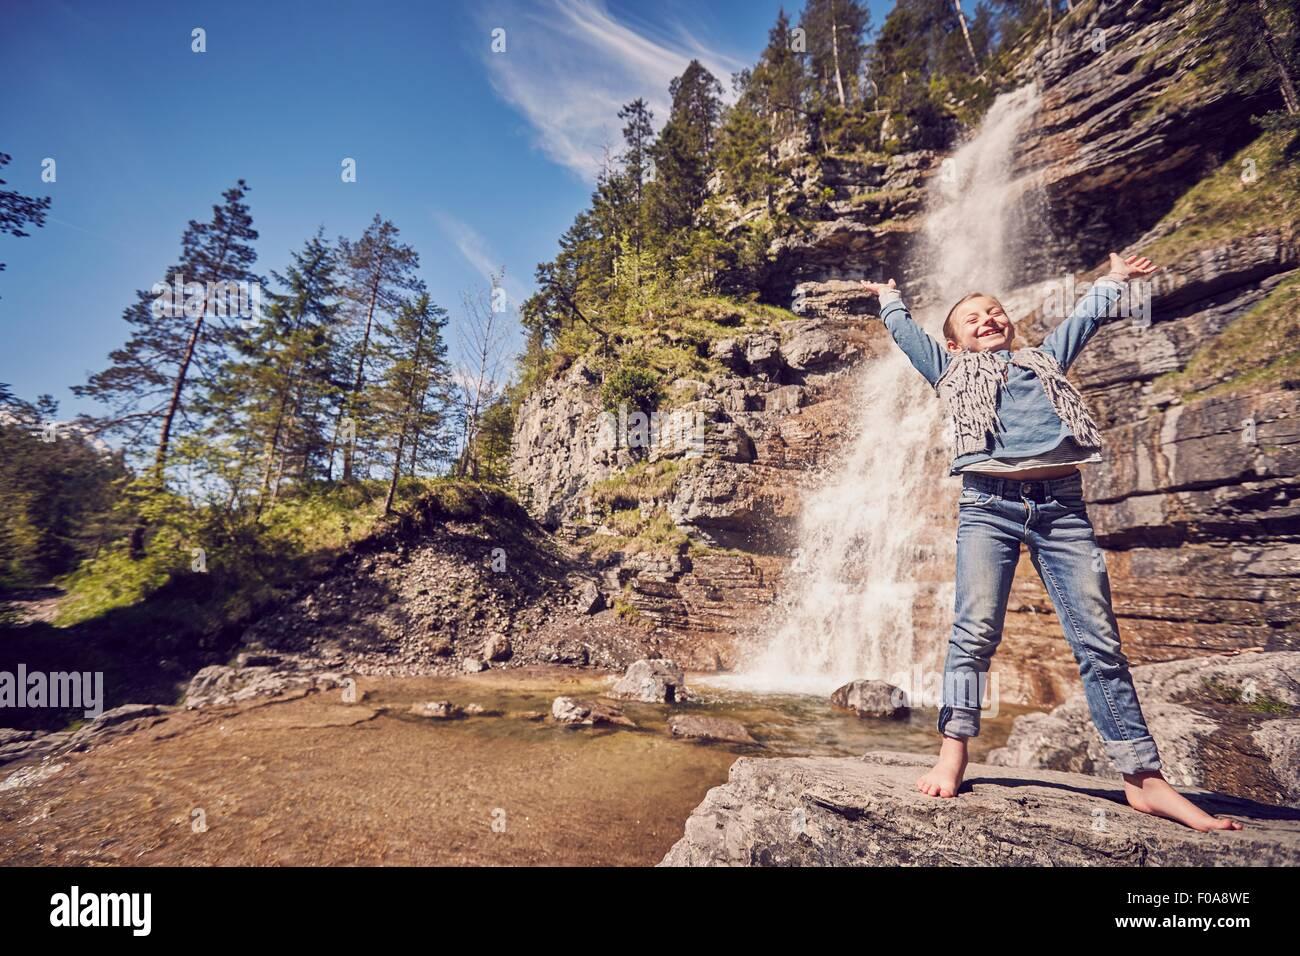 Niña de pie sobre una roca, junto a la cascada, con los brazos levantados en la emoción Imagen De Stock